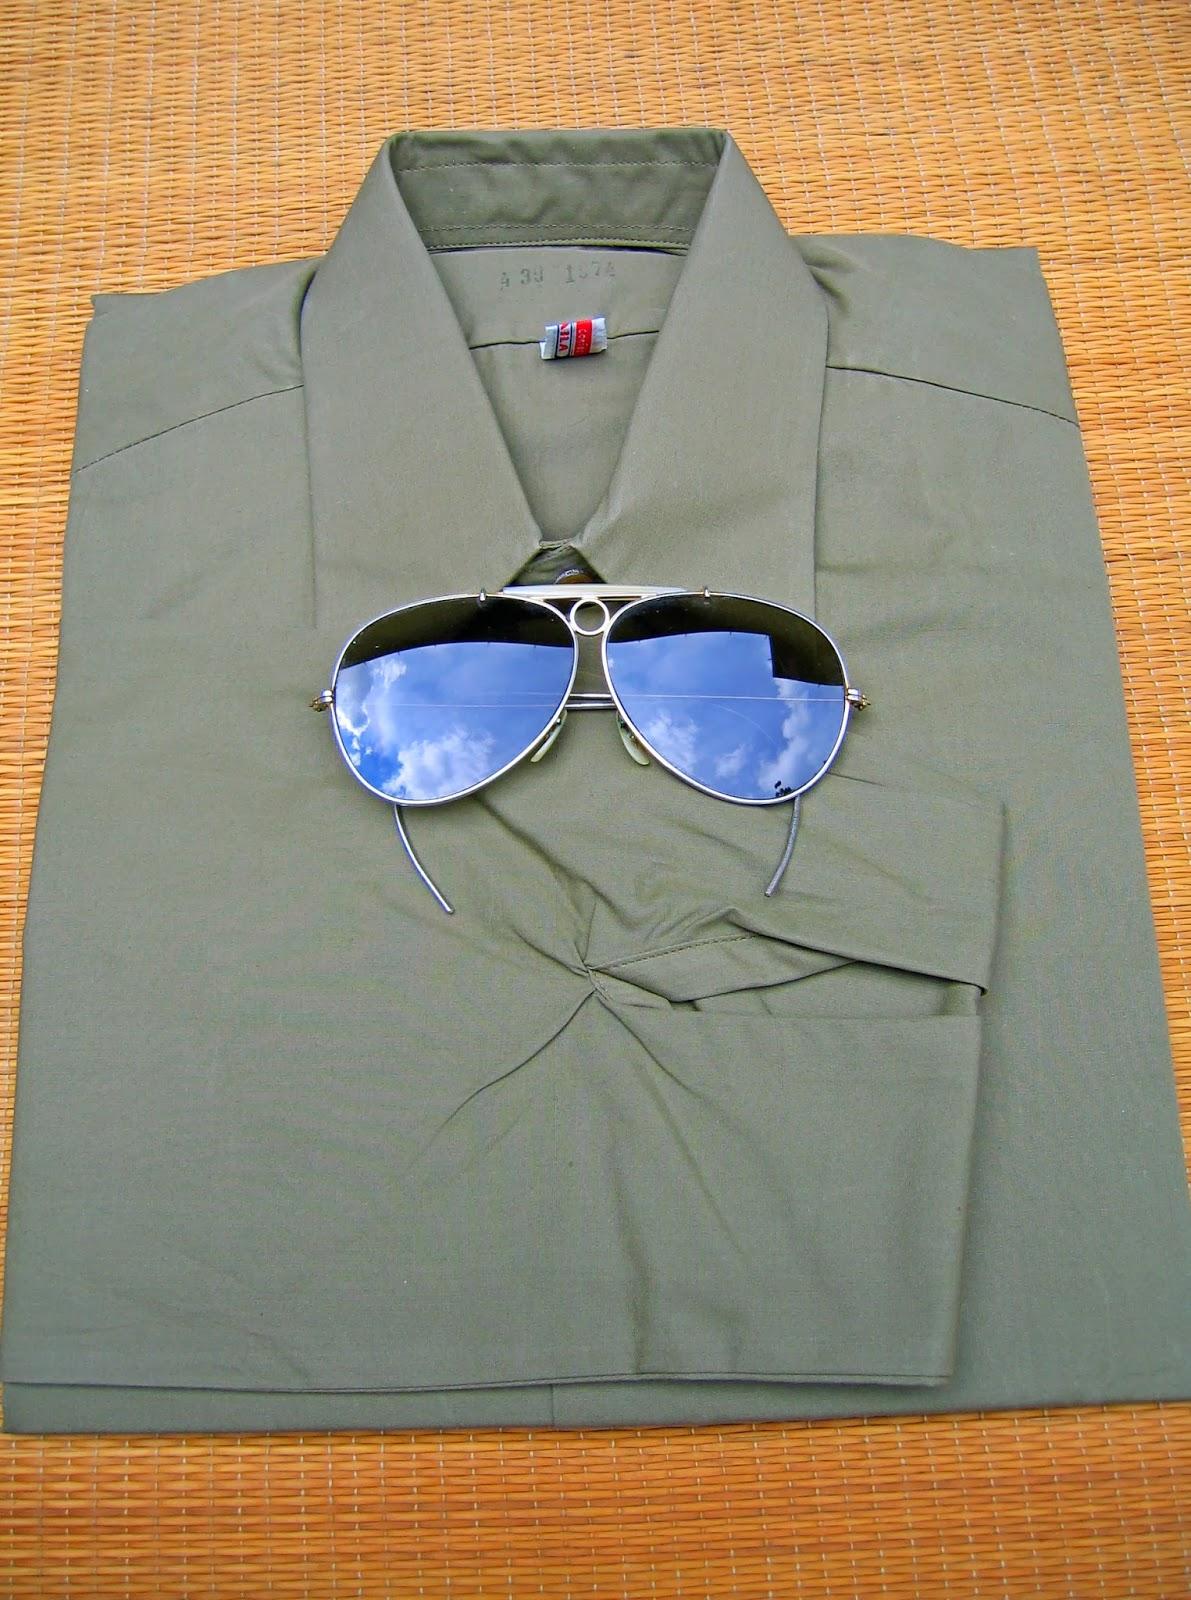 haine+vintage+Military+shirts